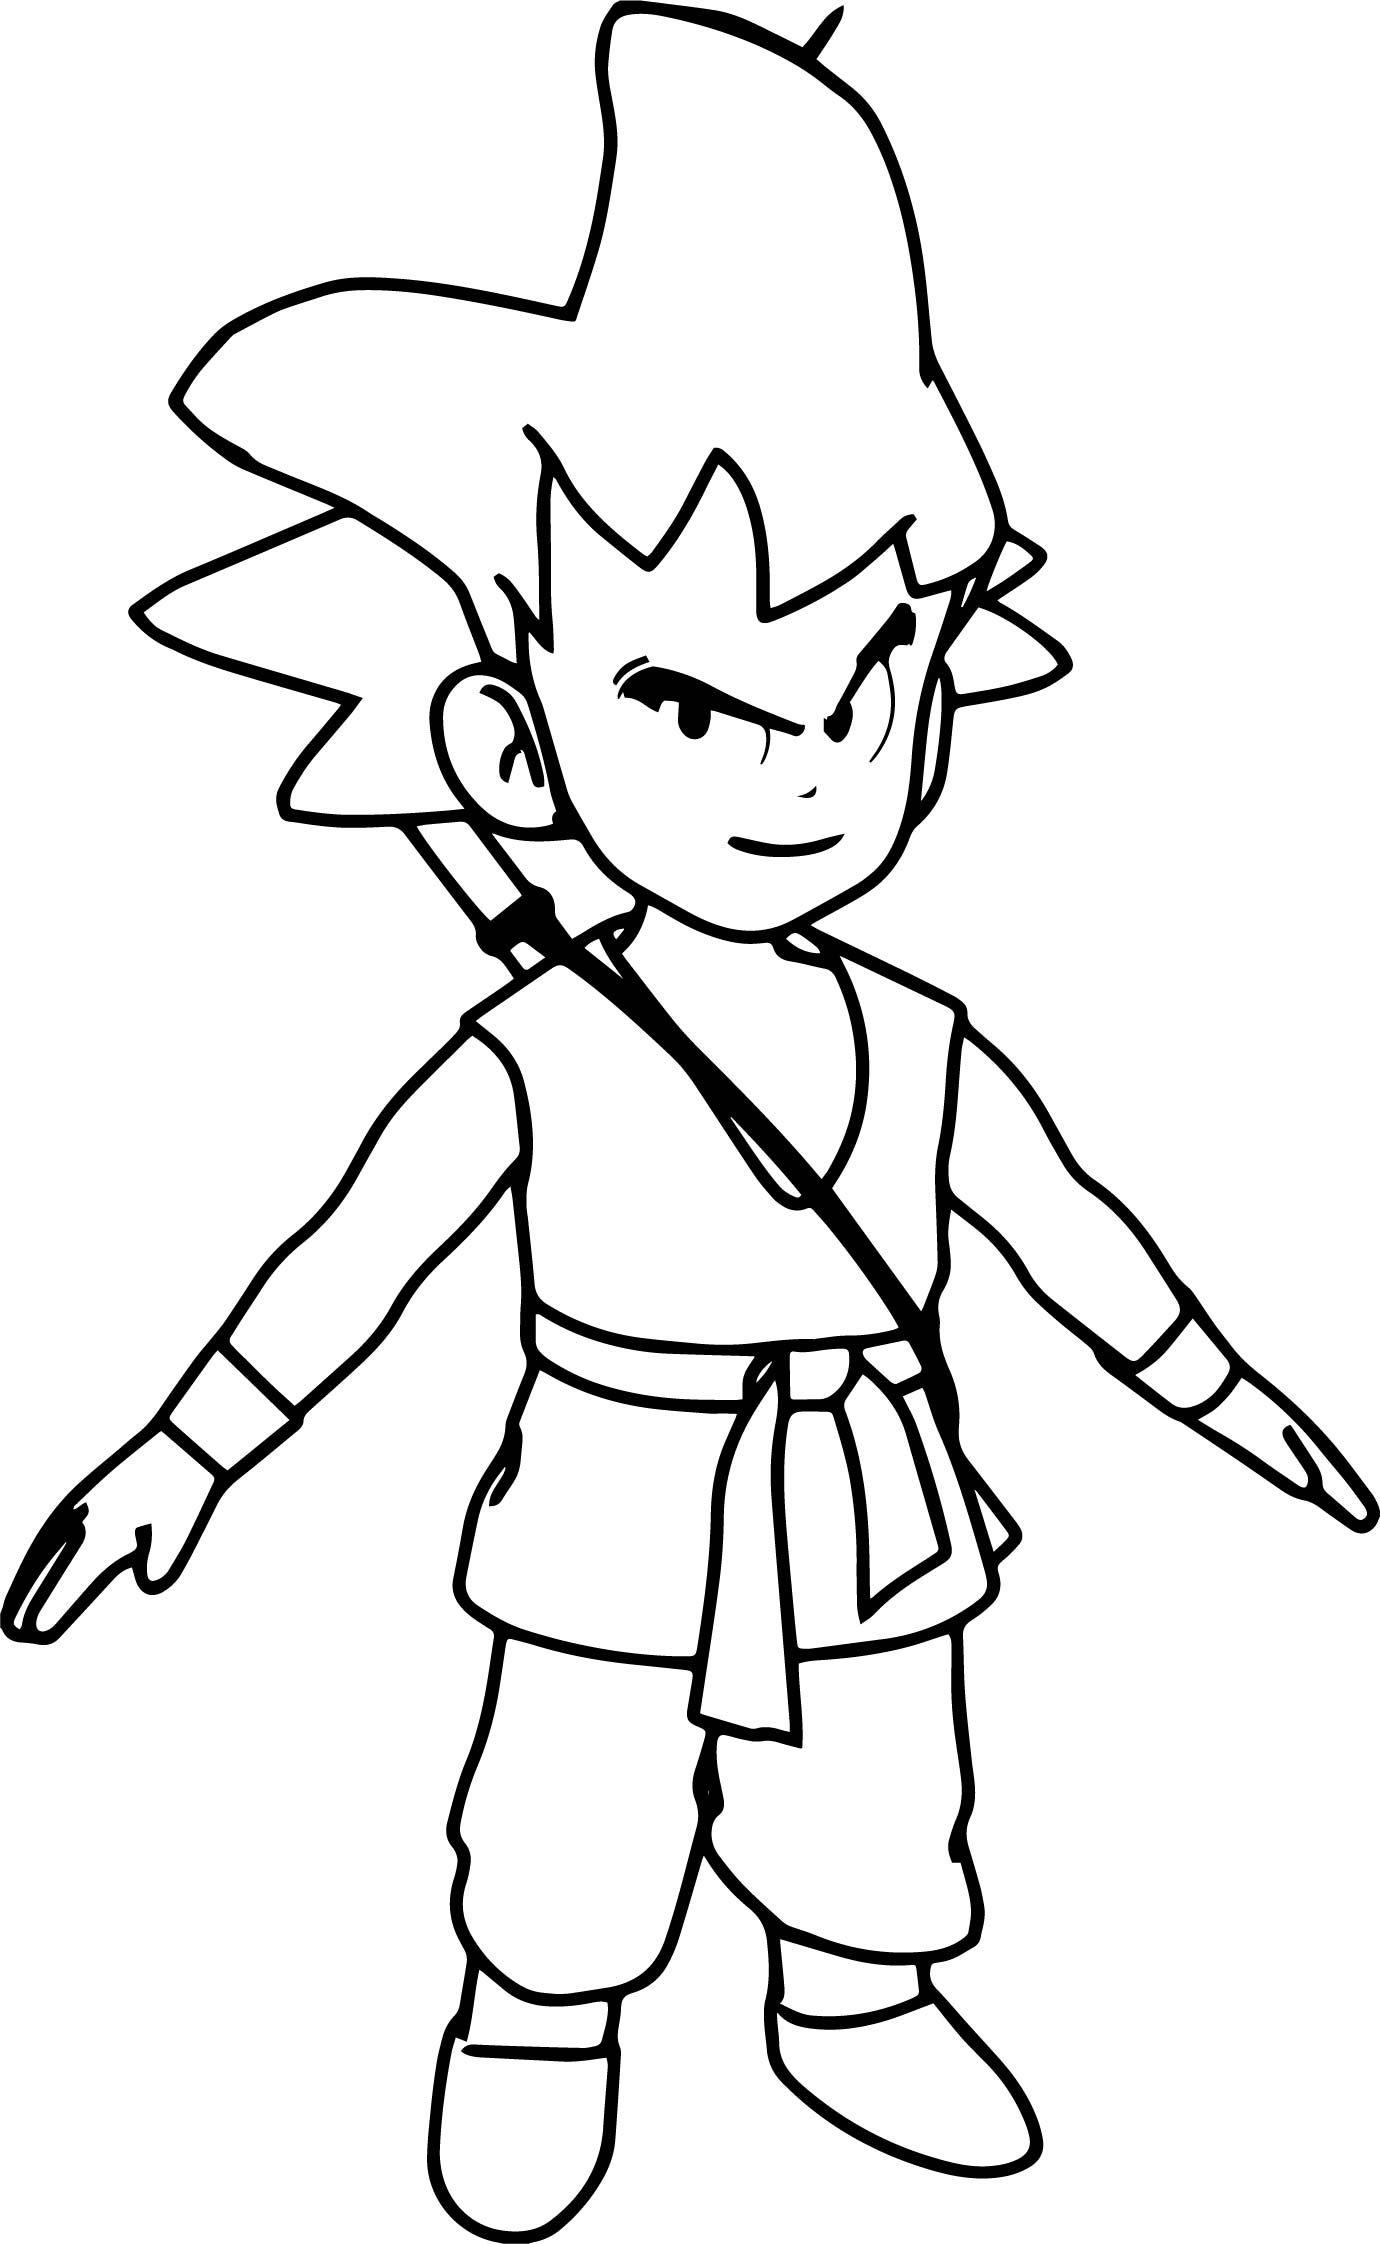 Cool Goku Manga Anime Cartoon Character Coloring Page